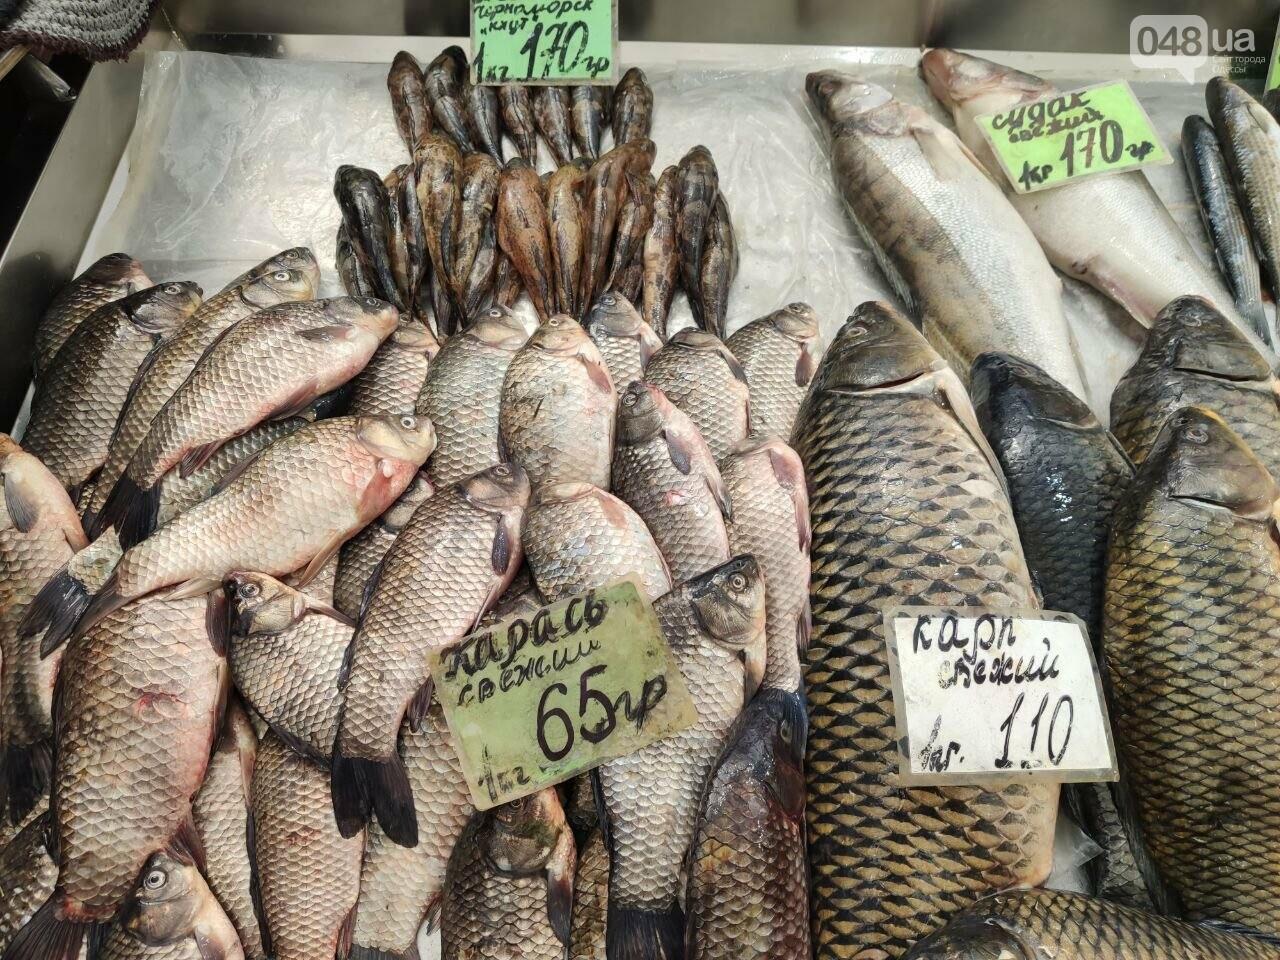 Осетр, мидии, хамса: рыбный четверг на одесском Привозе, - ФОТО, фото-5